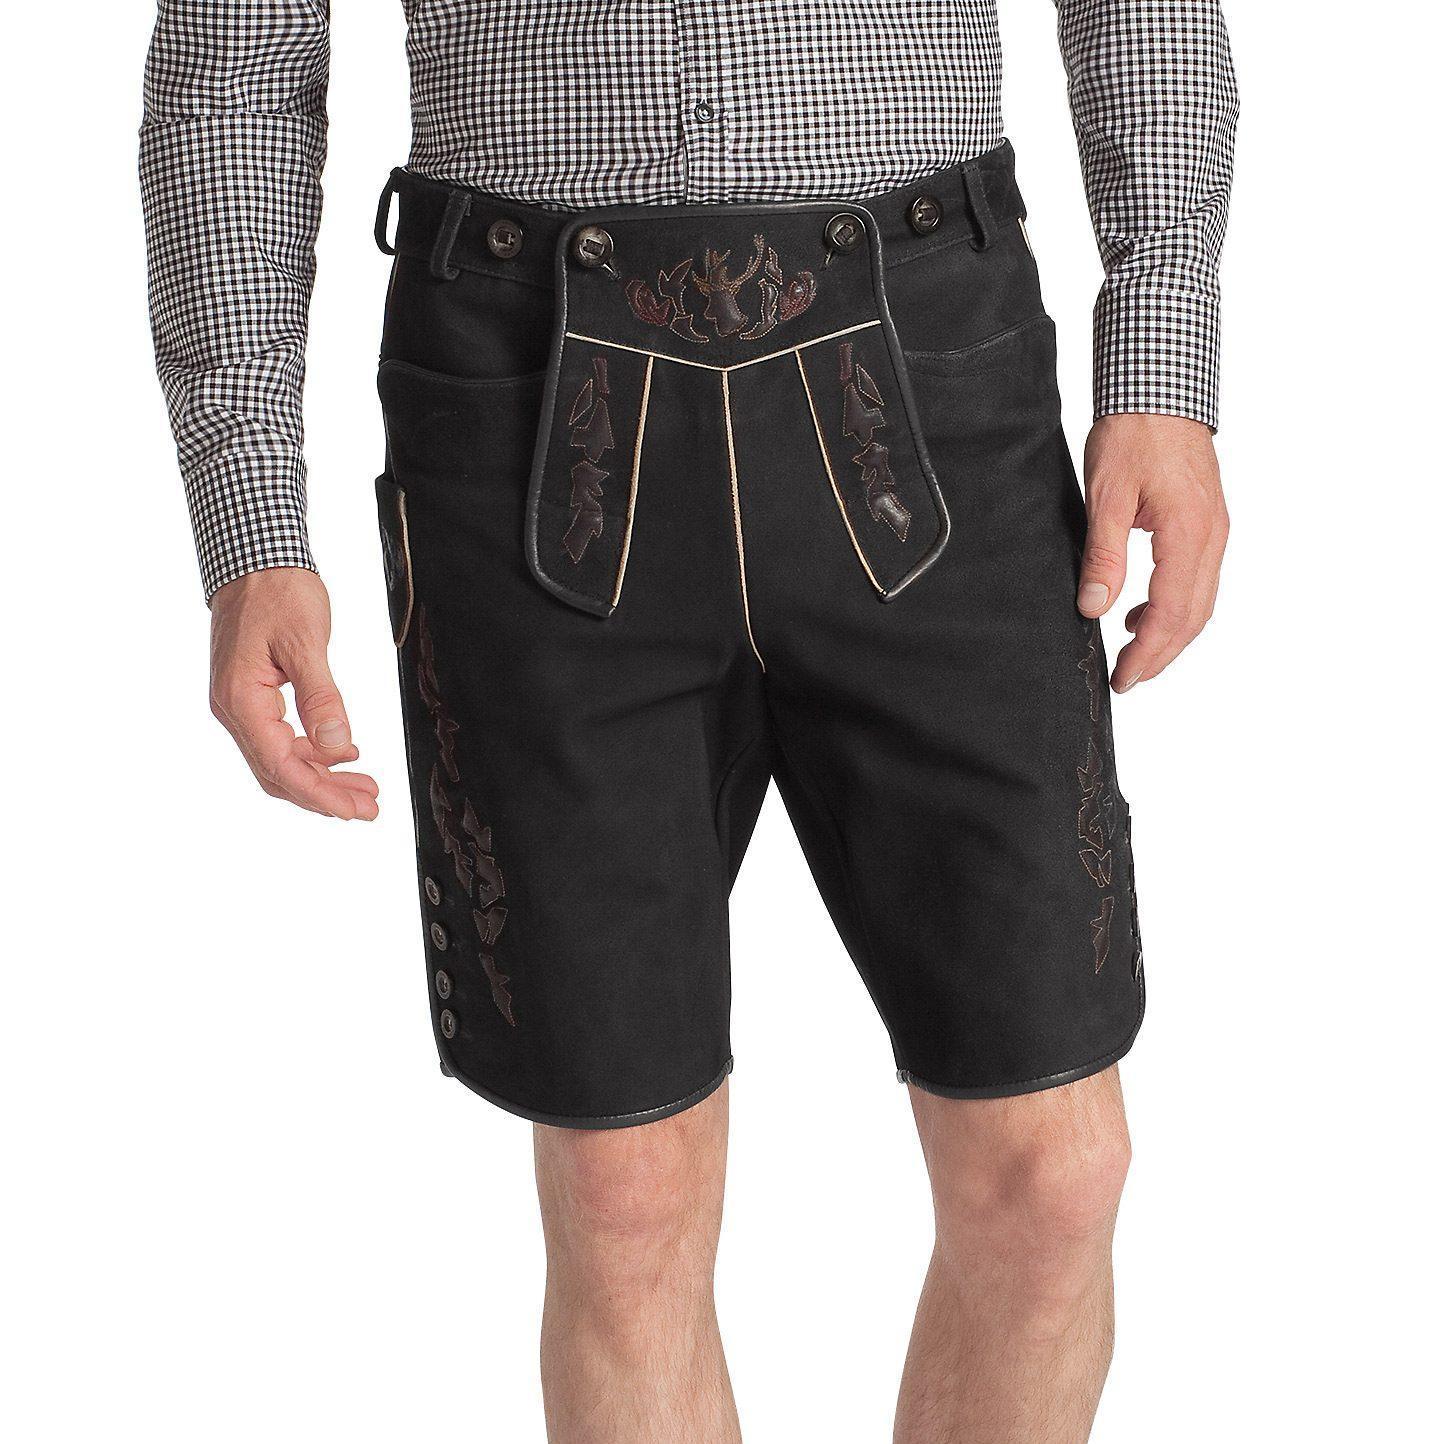 Кожаные брюки Hugo Boss 50228207_001 Овечья кожа Осень Европейский и американский стили